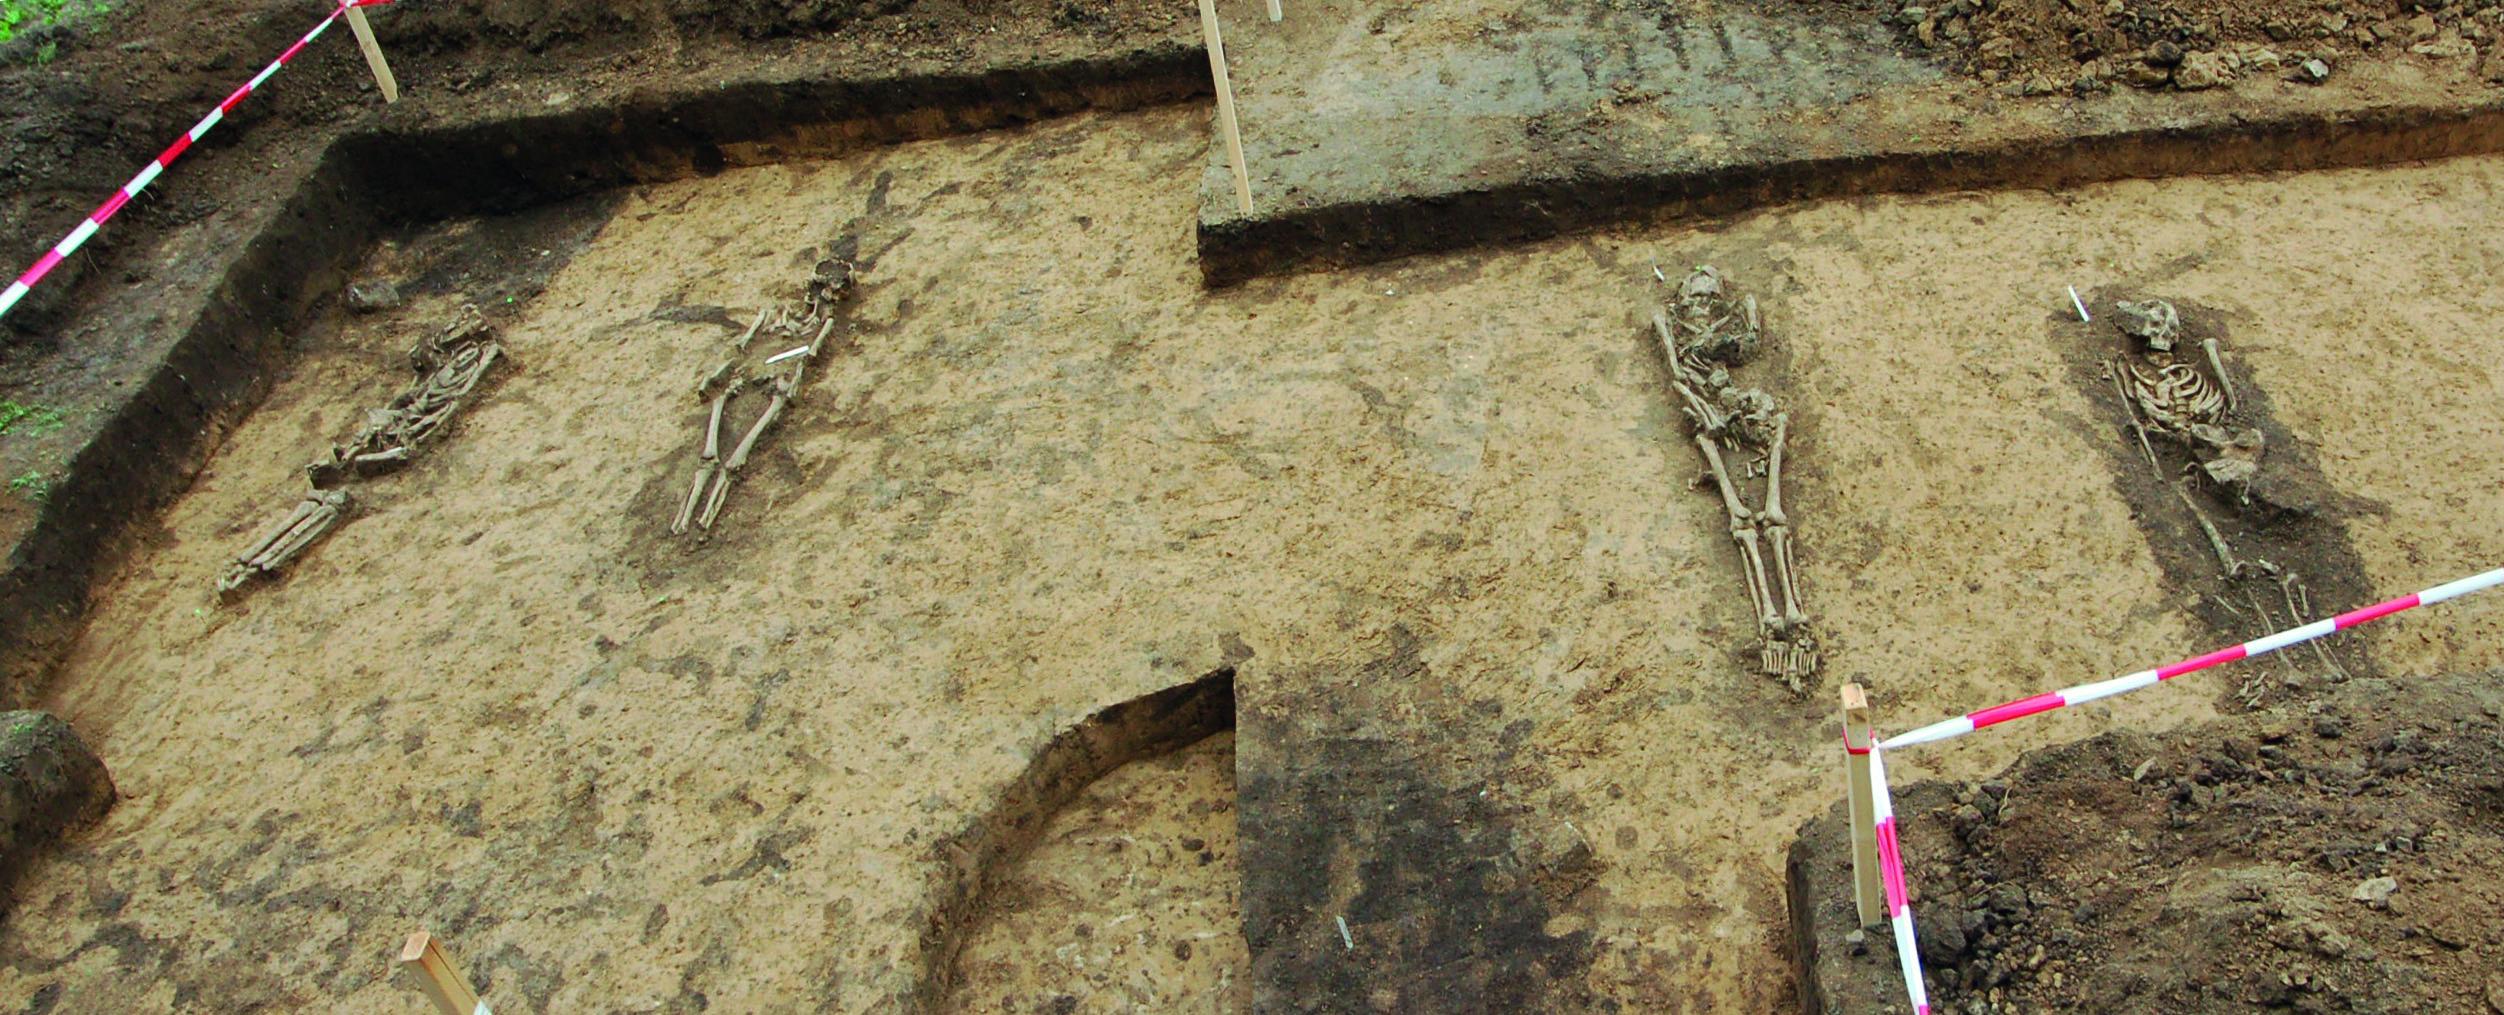 Archäologische Ausgrabungsfläche mit vier freigelegten Skeletten nebeneinander